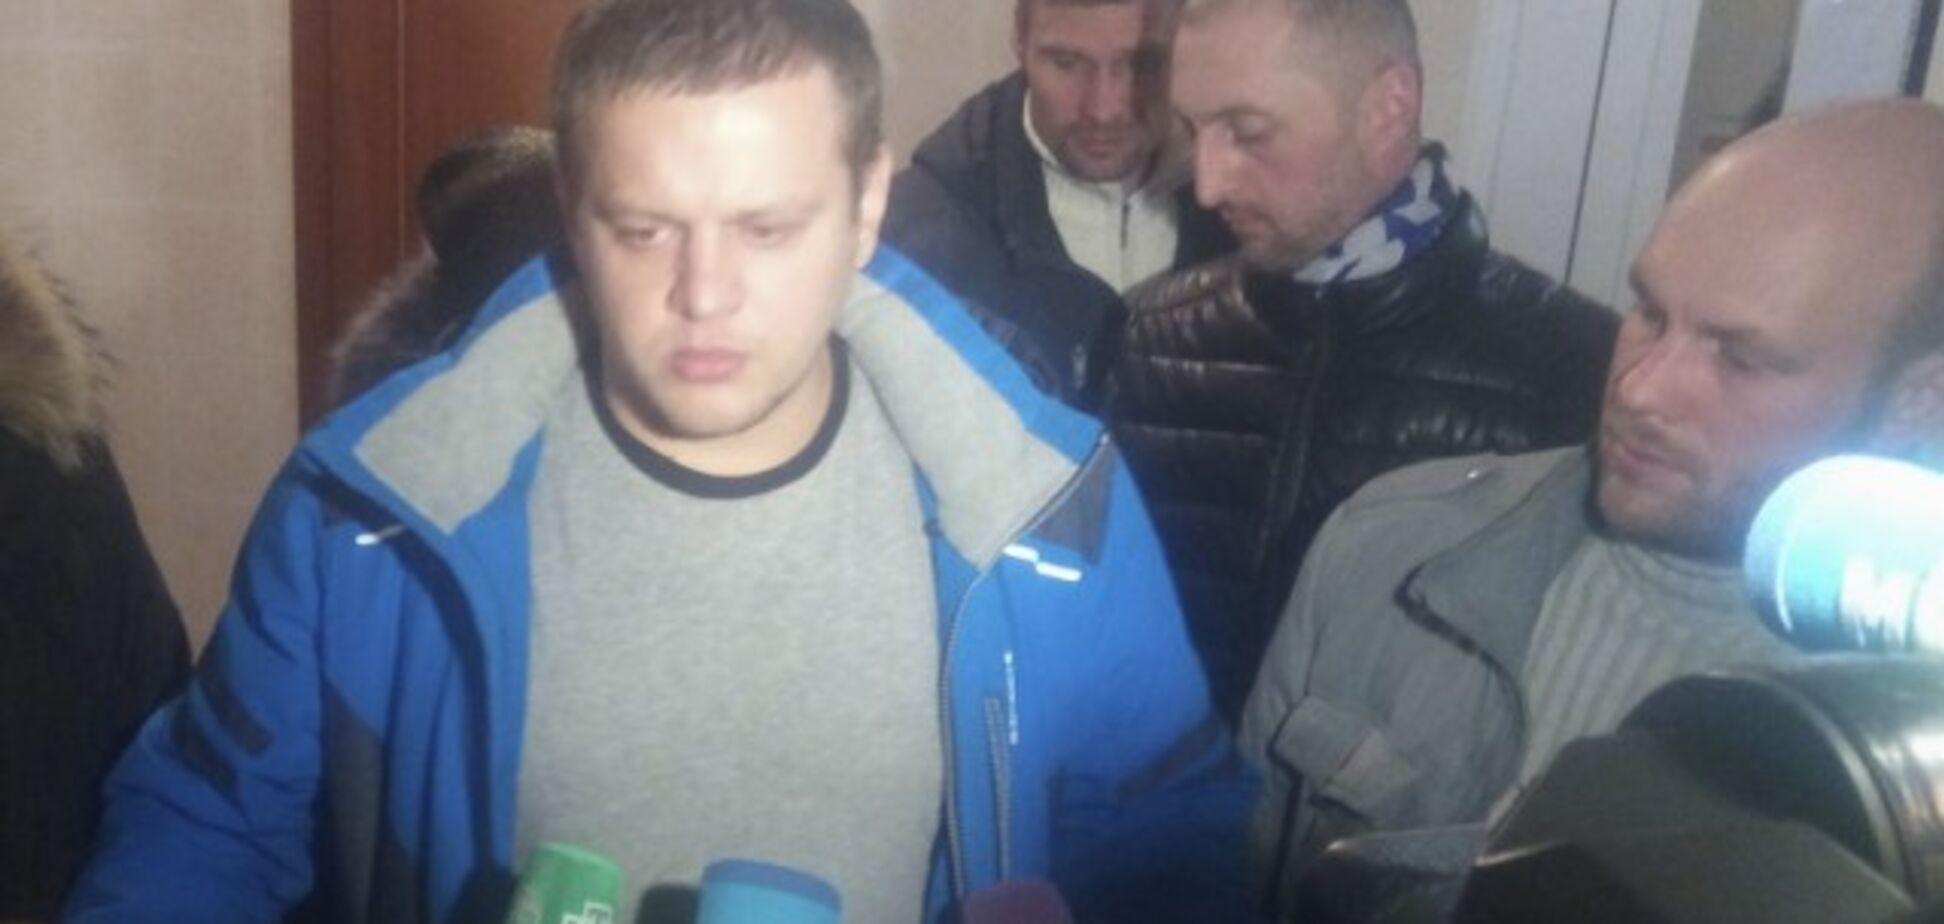 Оказался путинистом: журналист пояснил, как пожар в Кемерово изменил россиян